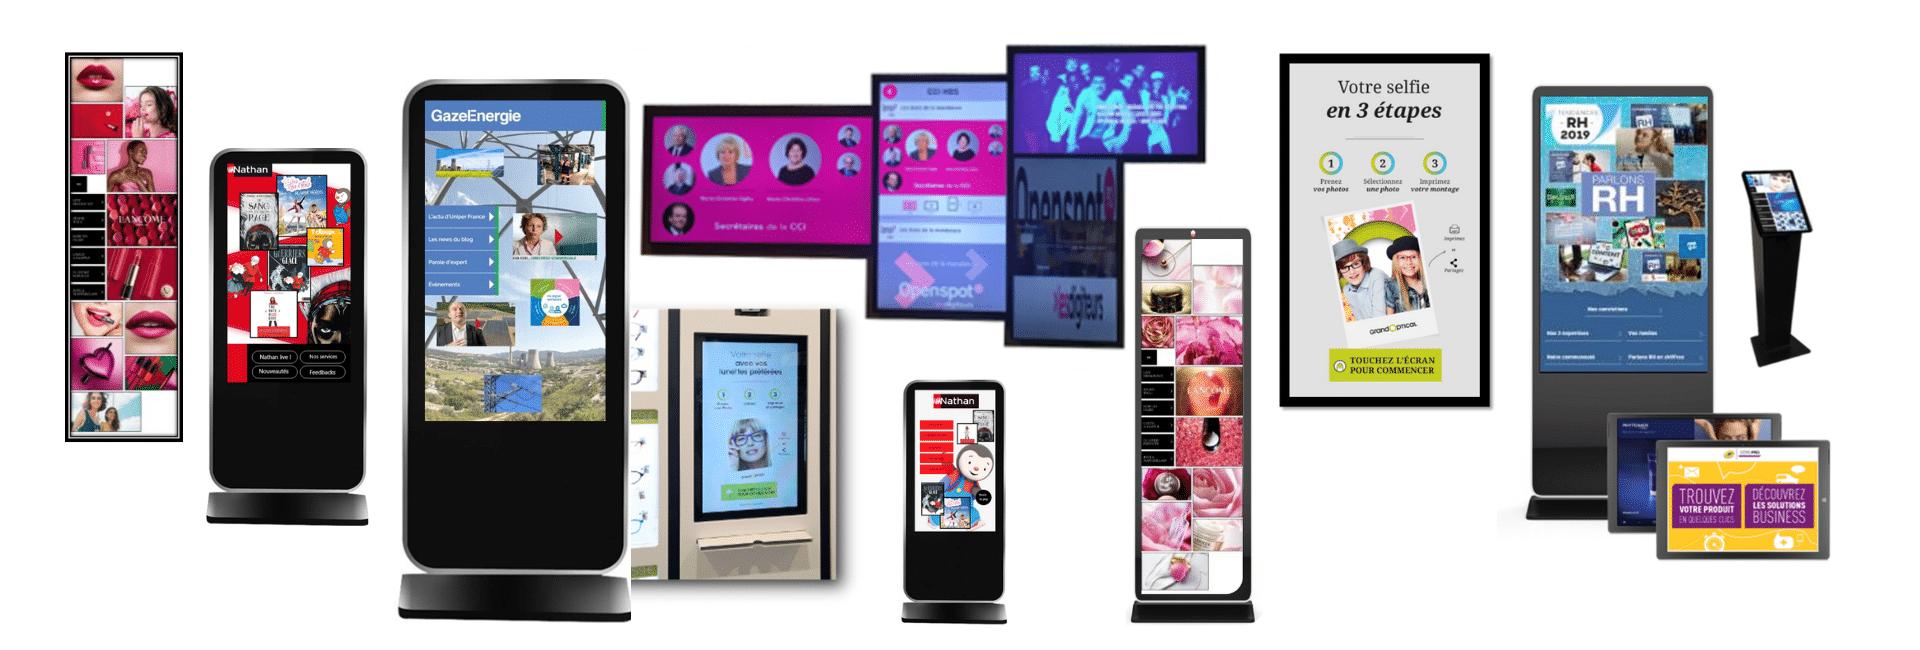 Quelques références du mur digital